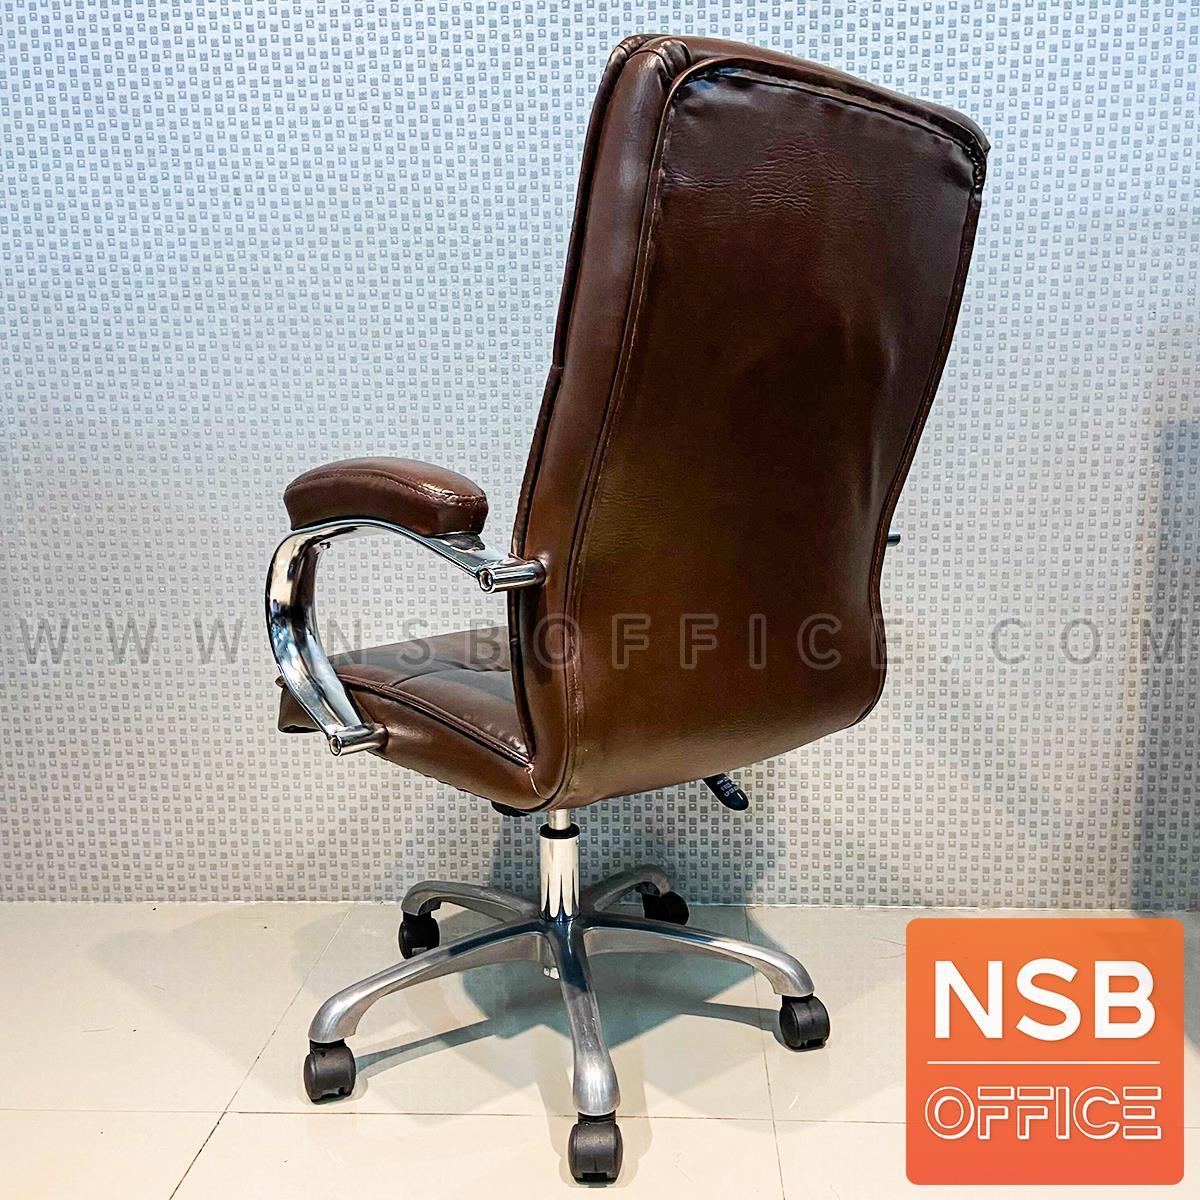 เก้าอี้ผู้บริหาร รุ่น Classique (คลาสสิค) โช๊คแก๊ส ก้อนโยก ขาเหล็กชุบโครเมี่ยม